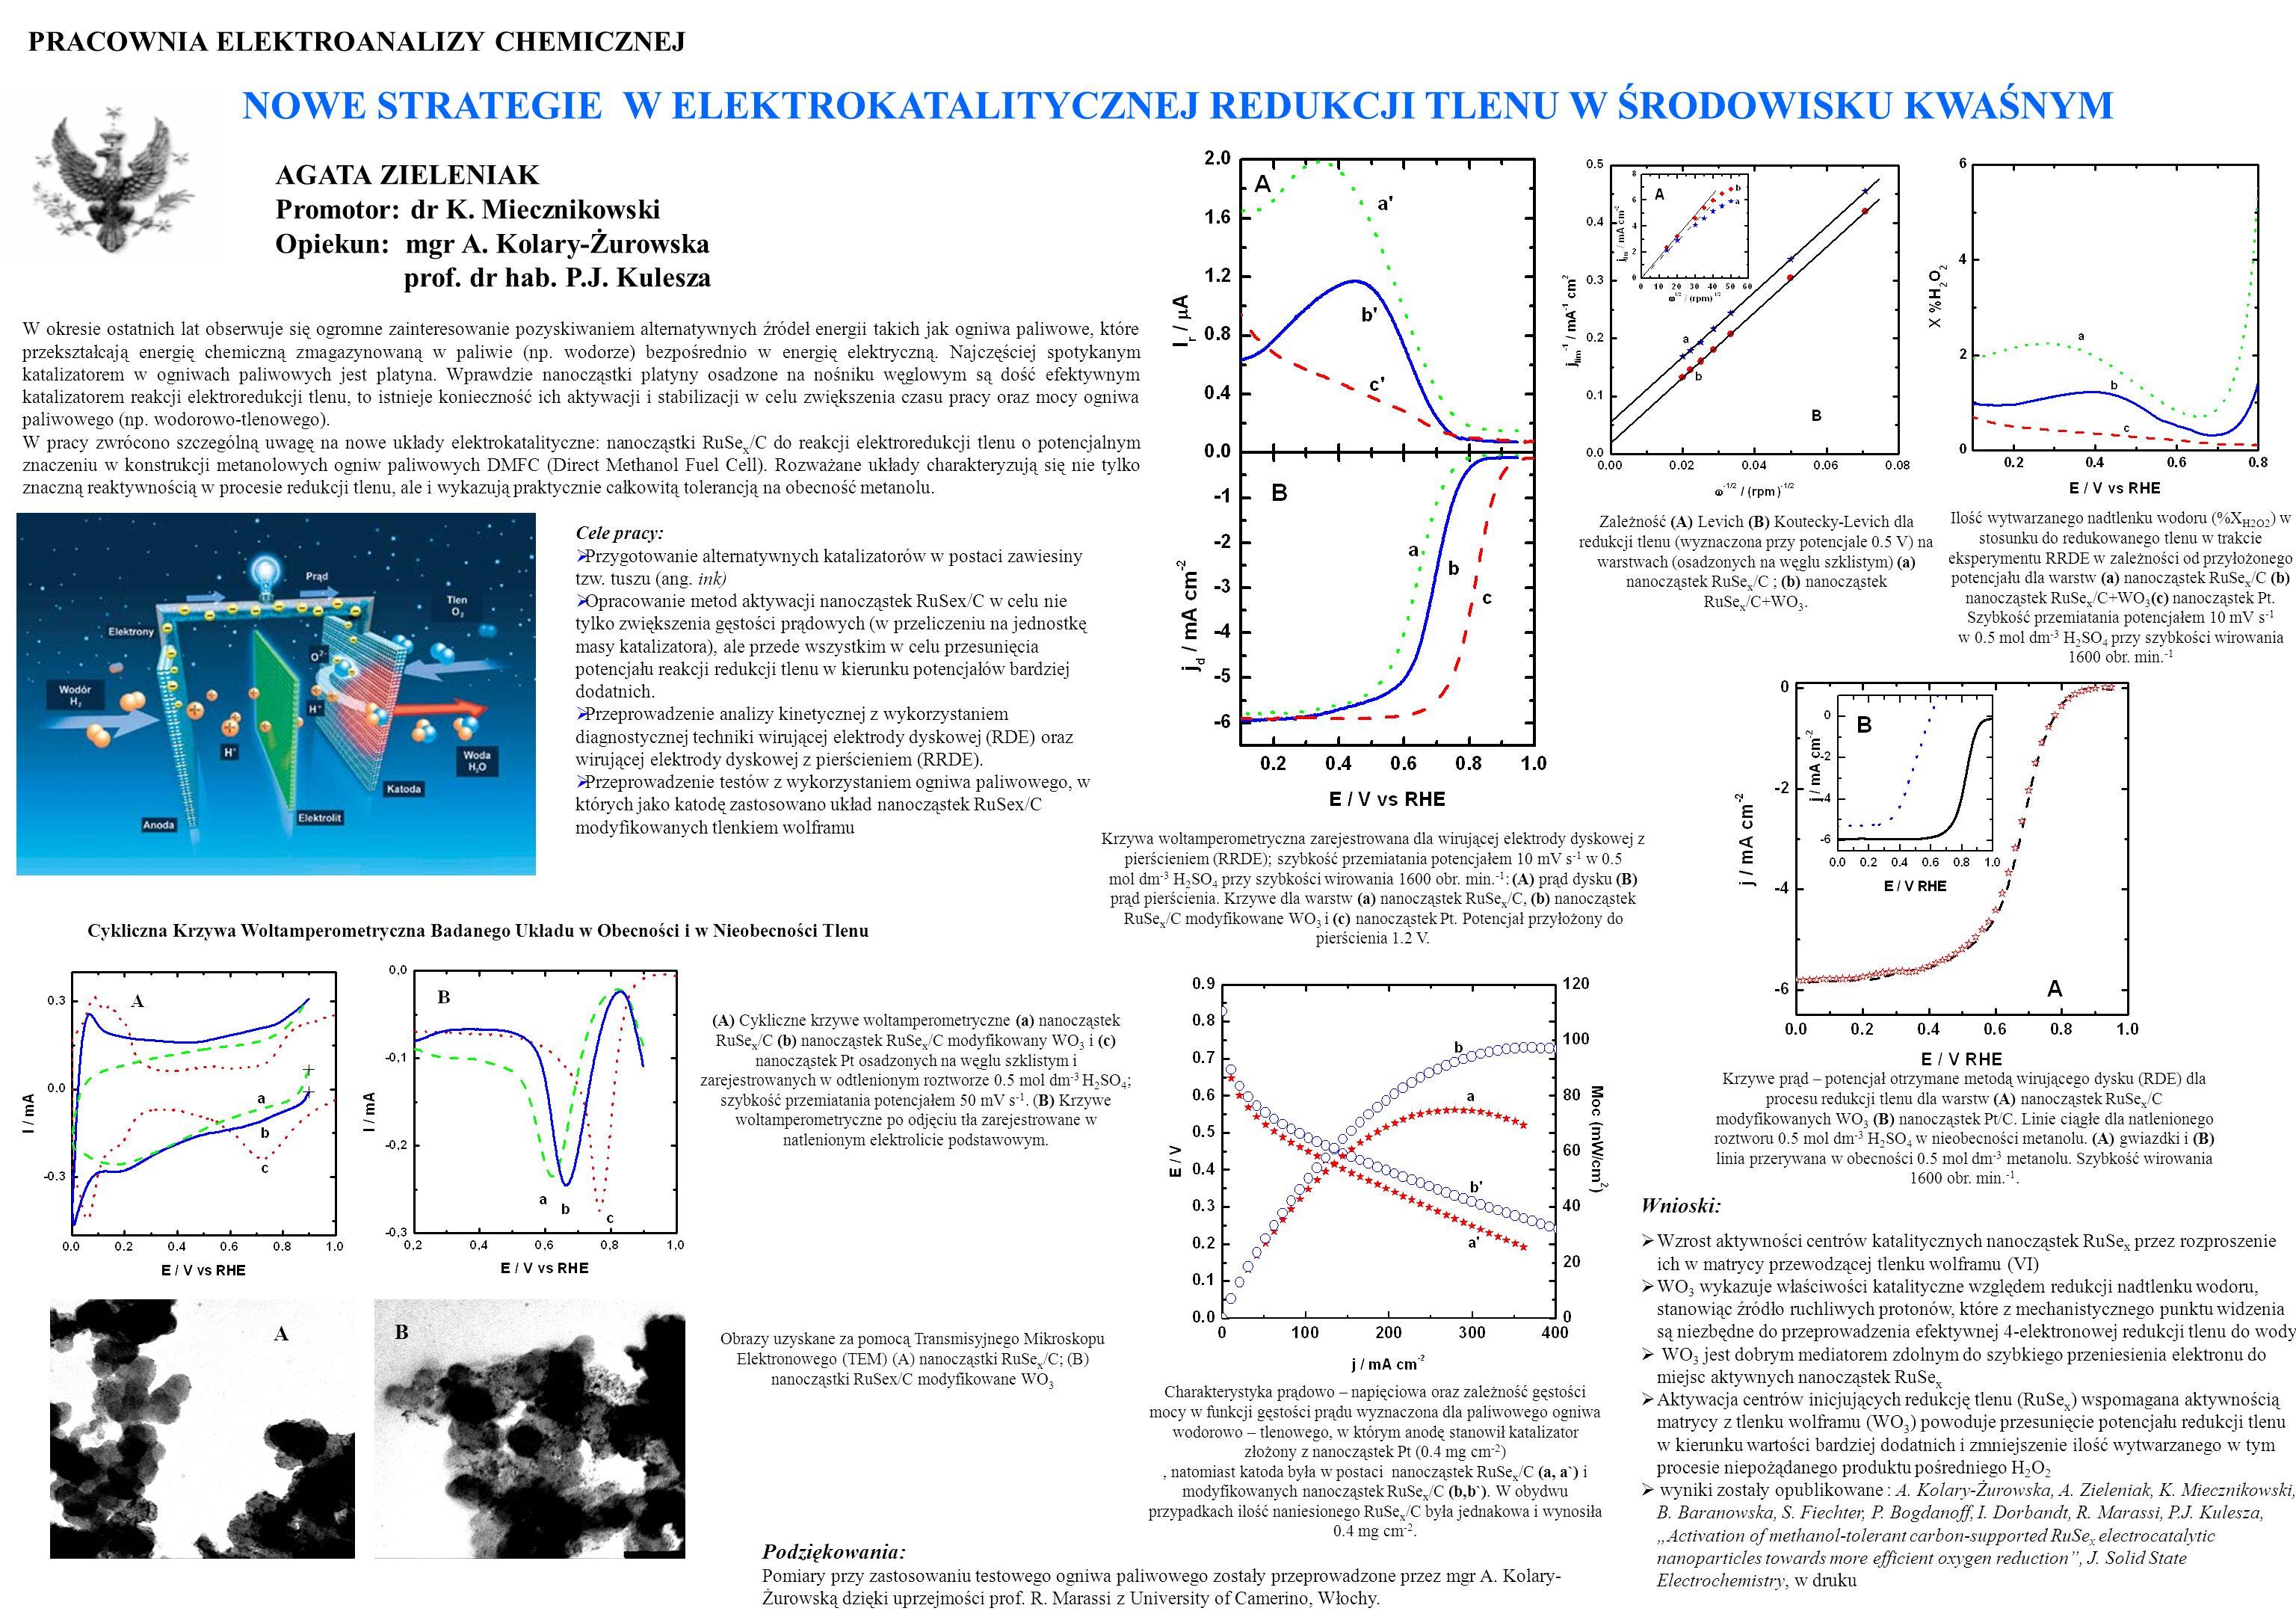 w 0.5 mol dm-3 H2SO4 przy szybkości wirowania 1600 obr. min.-1